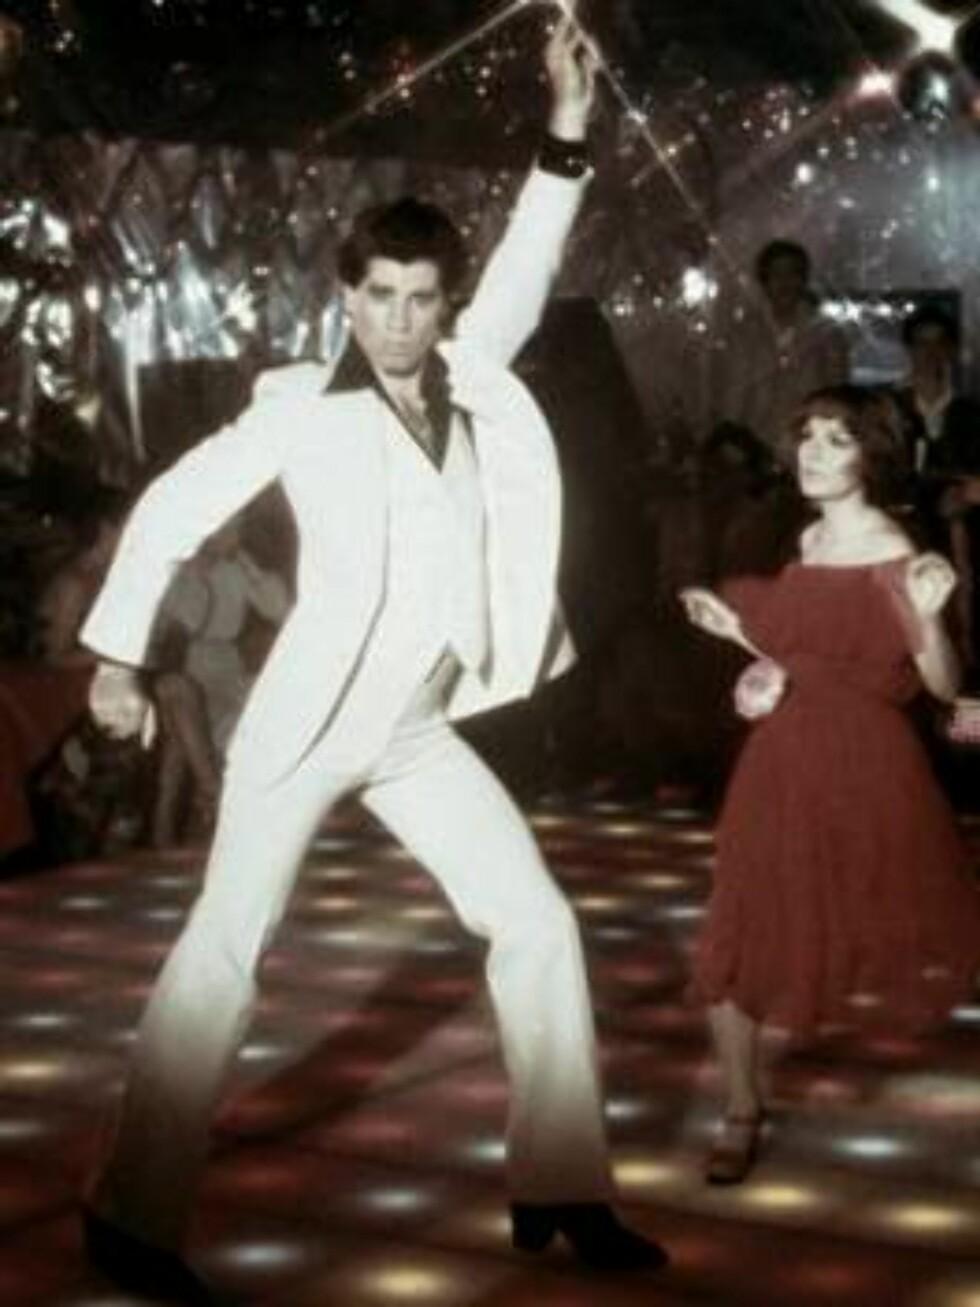 """FILMSTJERNE: John Travolta er en av verdens mest kjente filmstjerner. Her er han i en scene fra """"Saturday Night Fever"""" i 1977. Foto: All Over Press"""